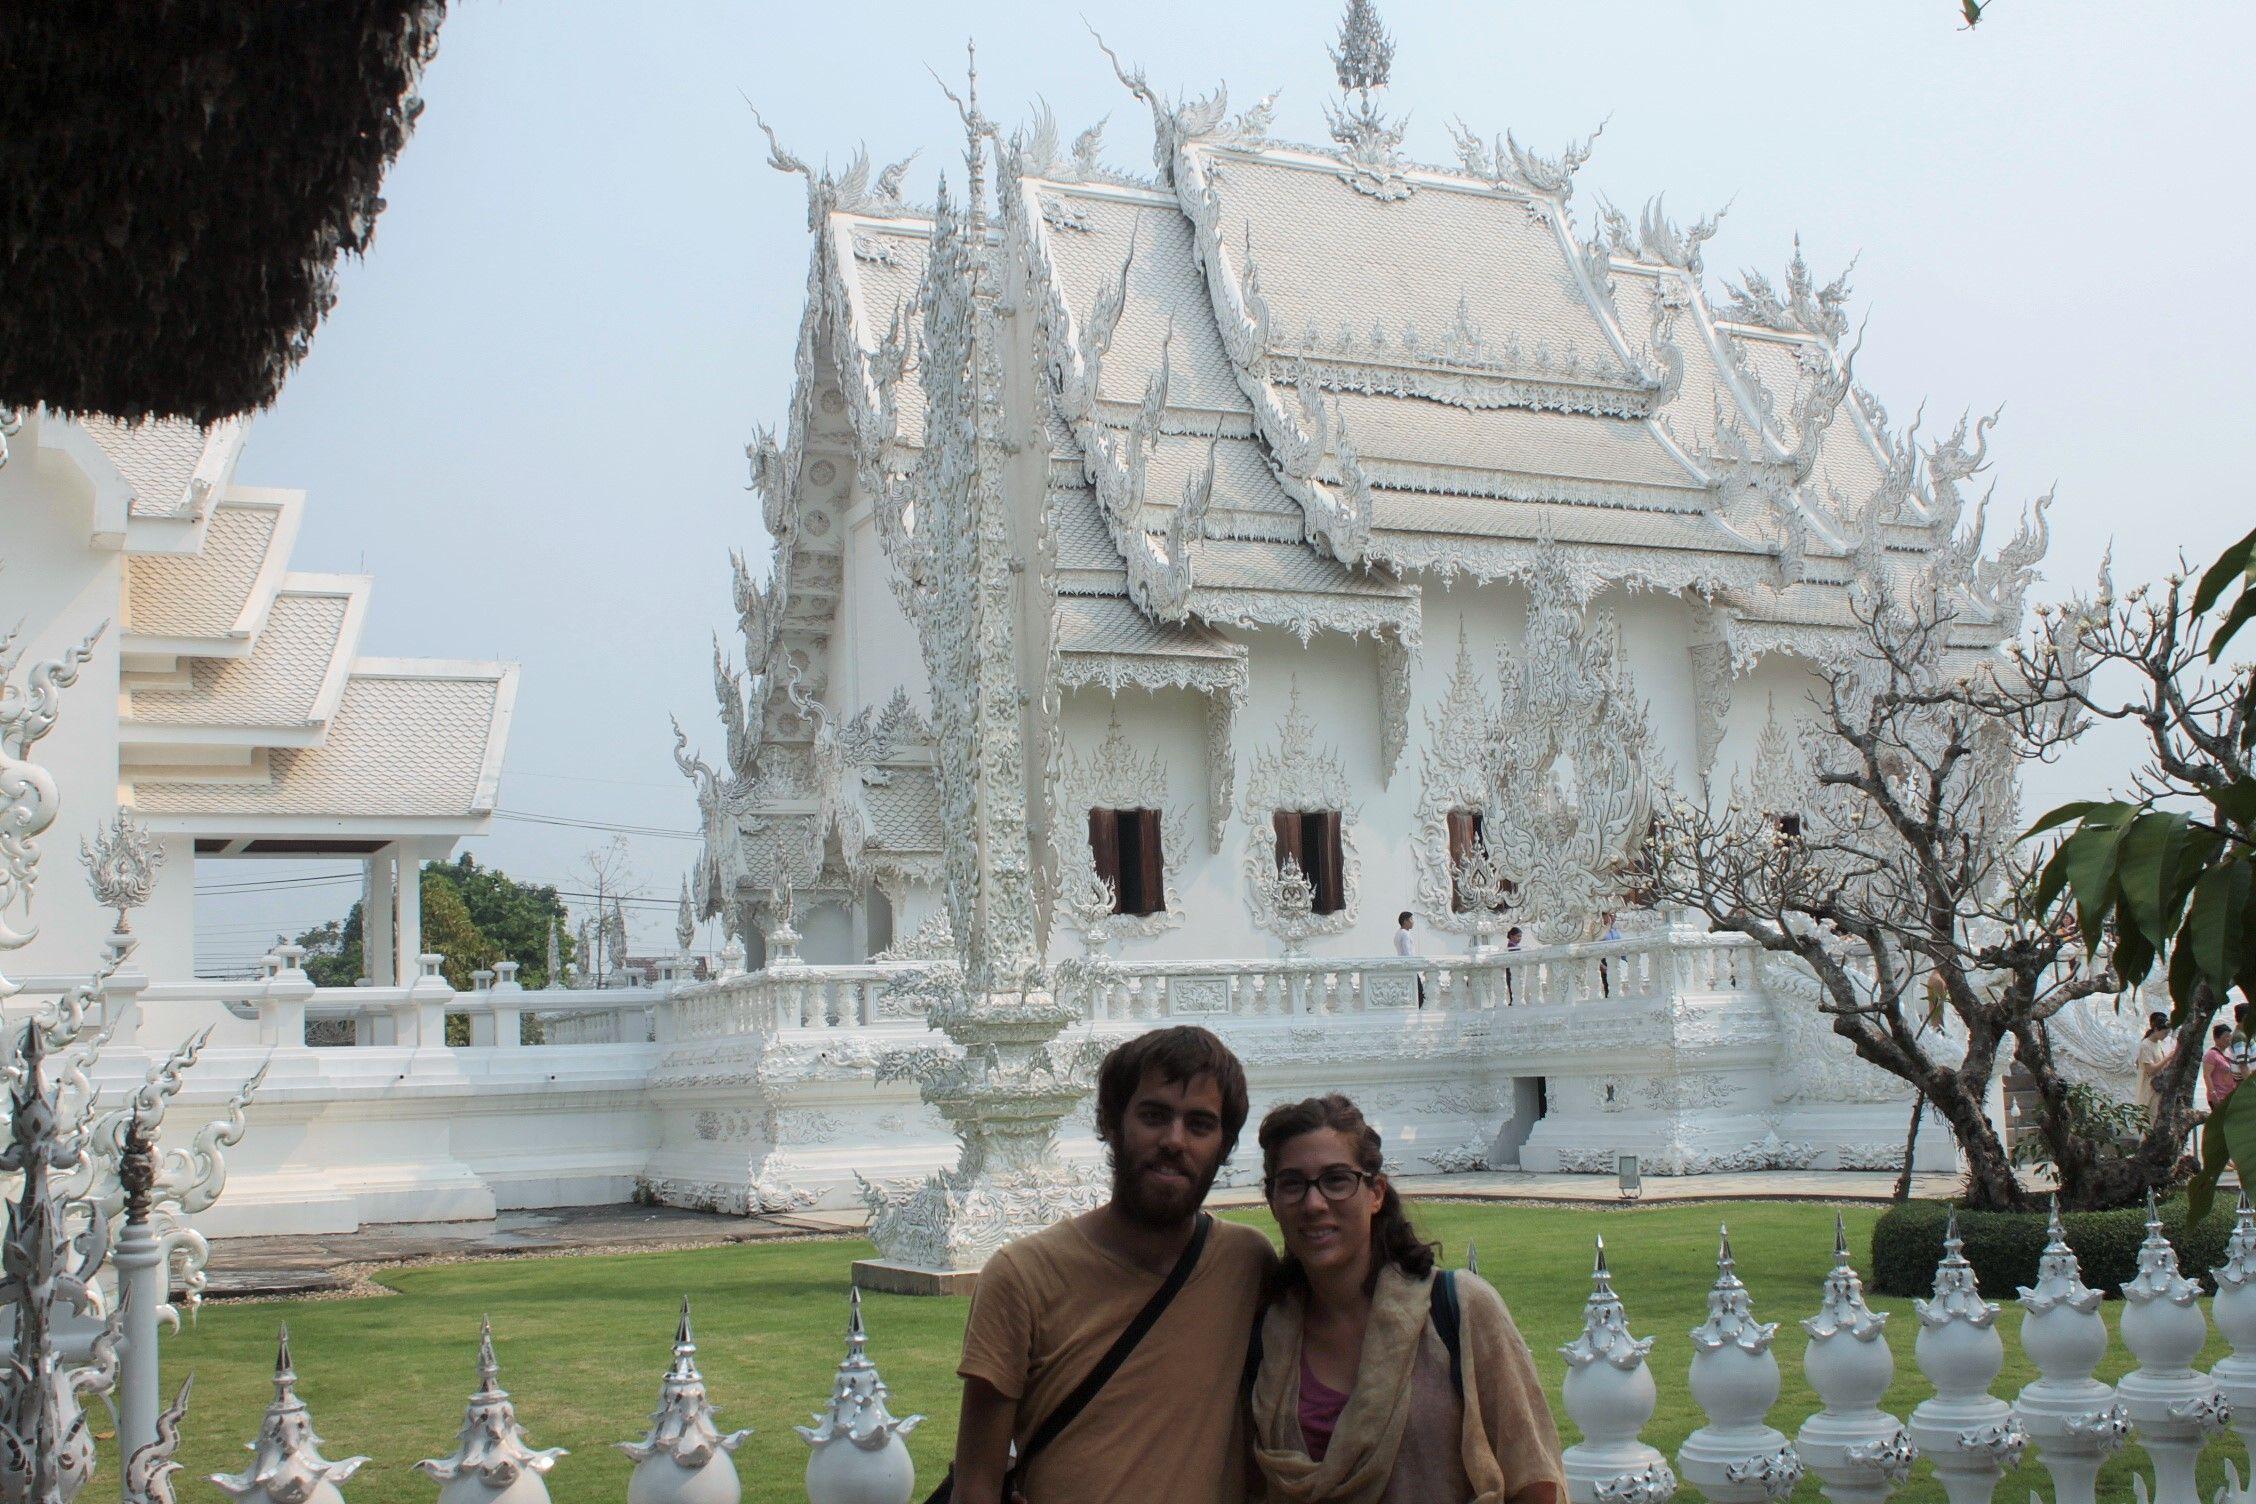 Posando en el templo blanco